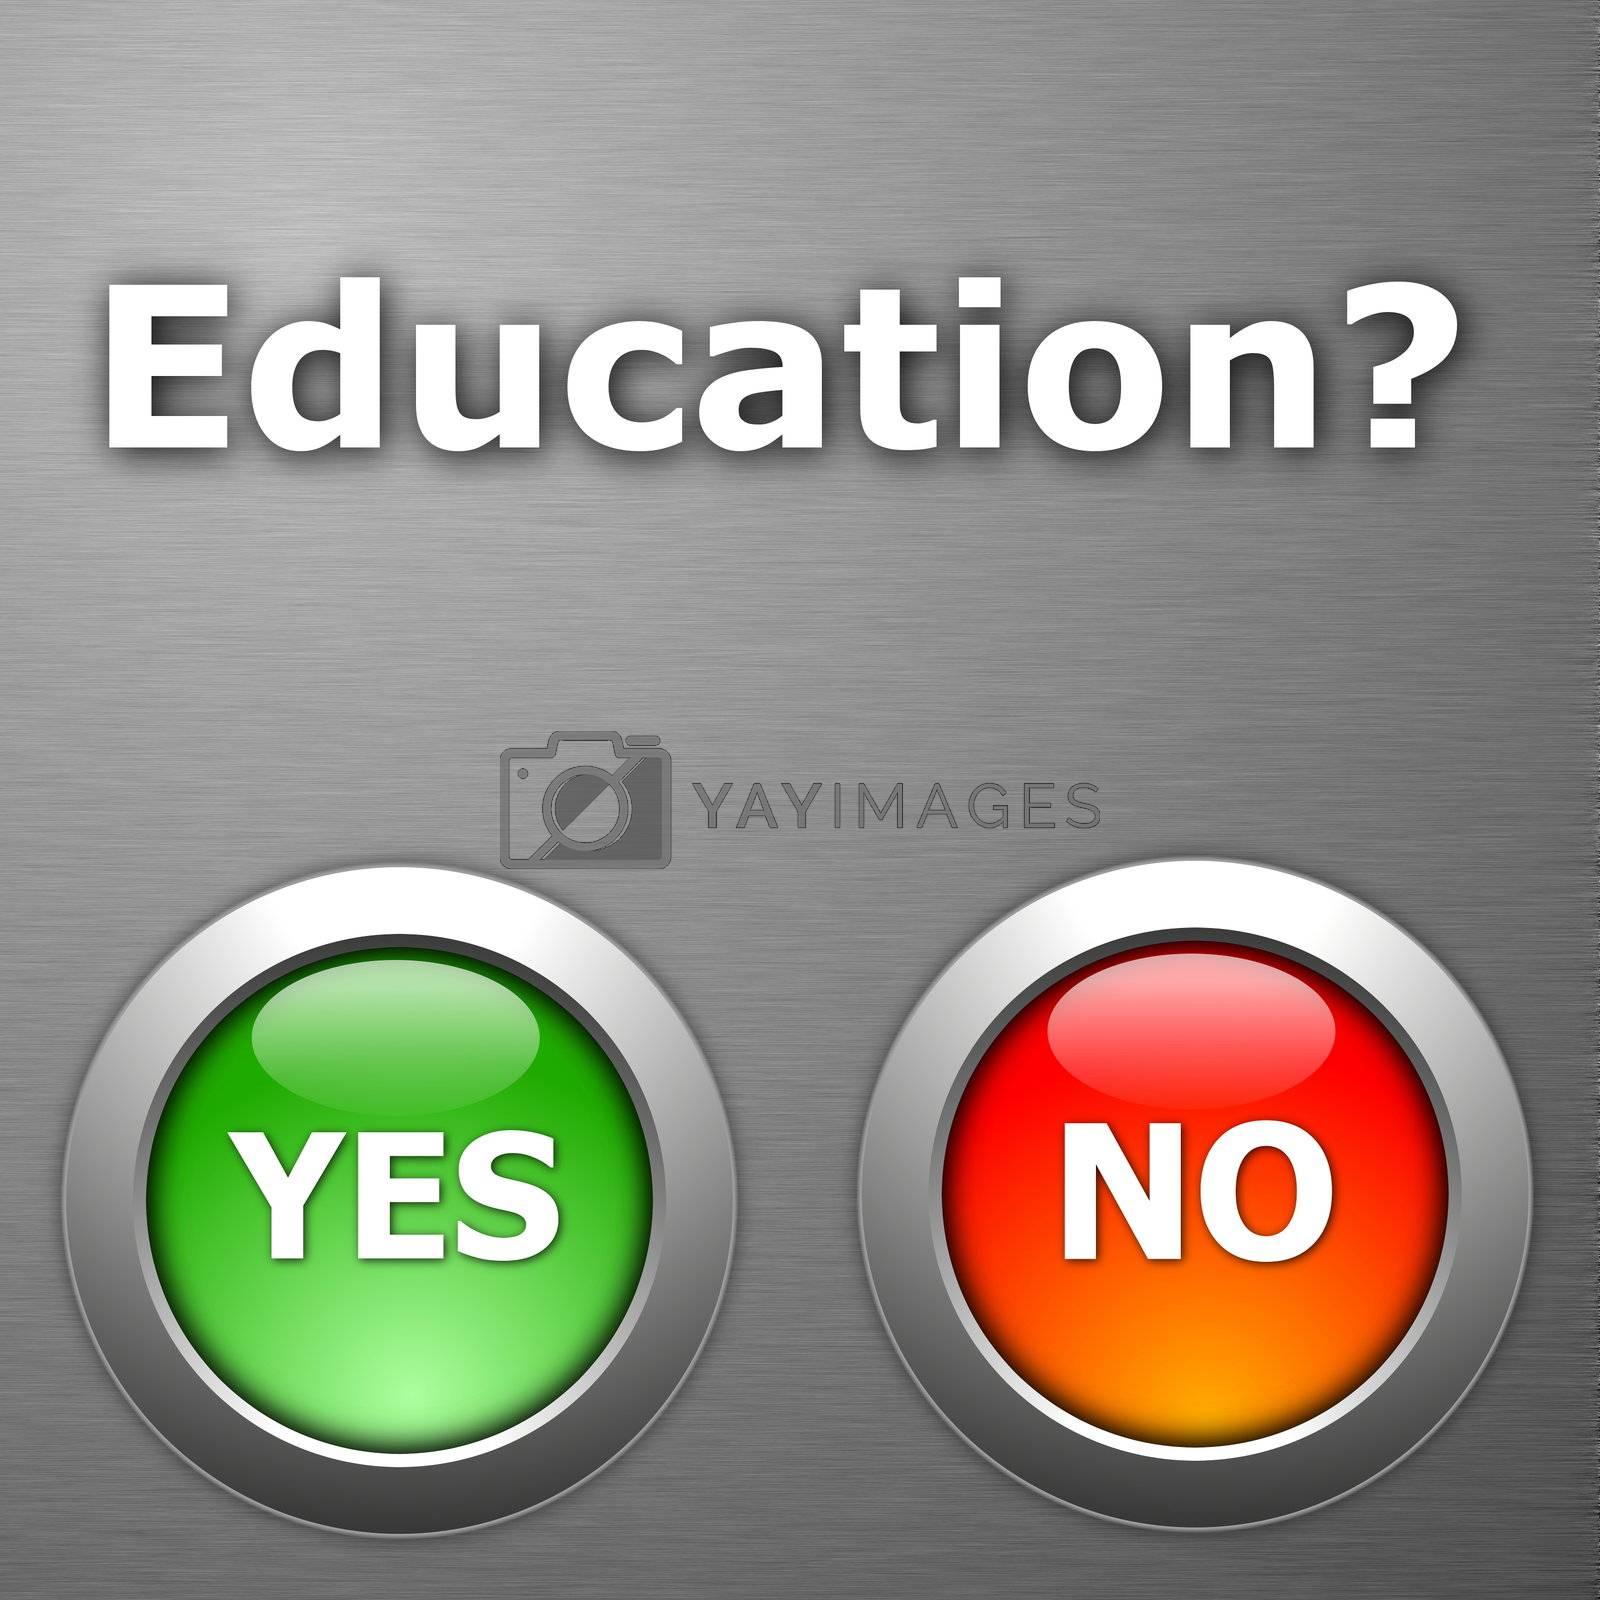 education by gunnar3000